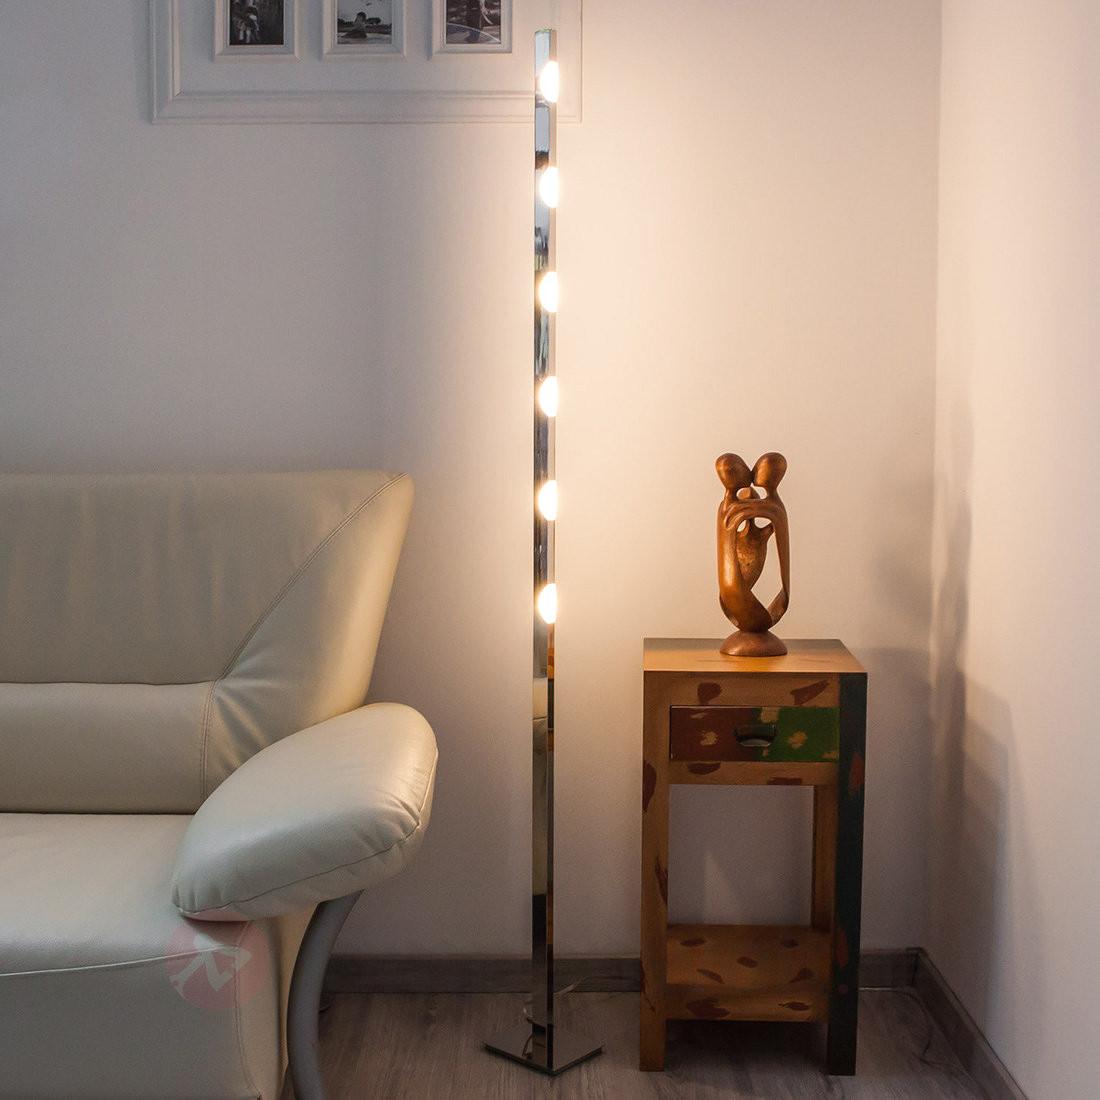 Full Size of Led Stehlampen Modern 33 Genial Galerie Von Stehlampe Wohnzimmer Bett Design Moderne Bilder Fürs Deckenleuchte Modernes 180x200 Landhausküche Schlafzimmer Wohnzimmer Stehlampe Modern